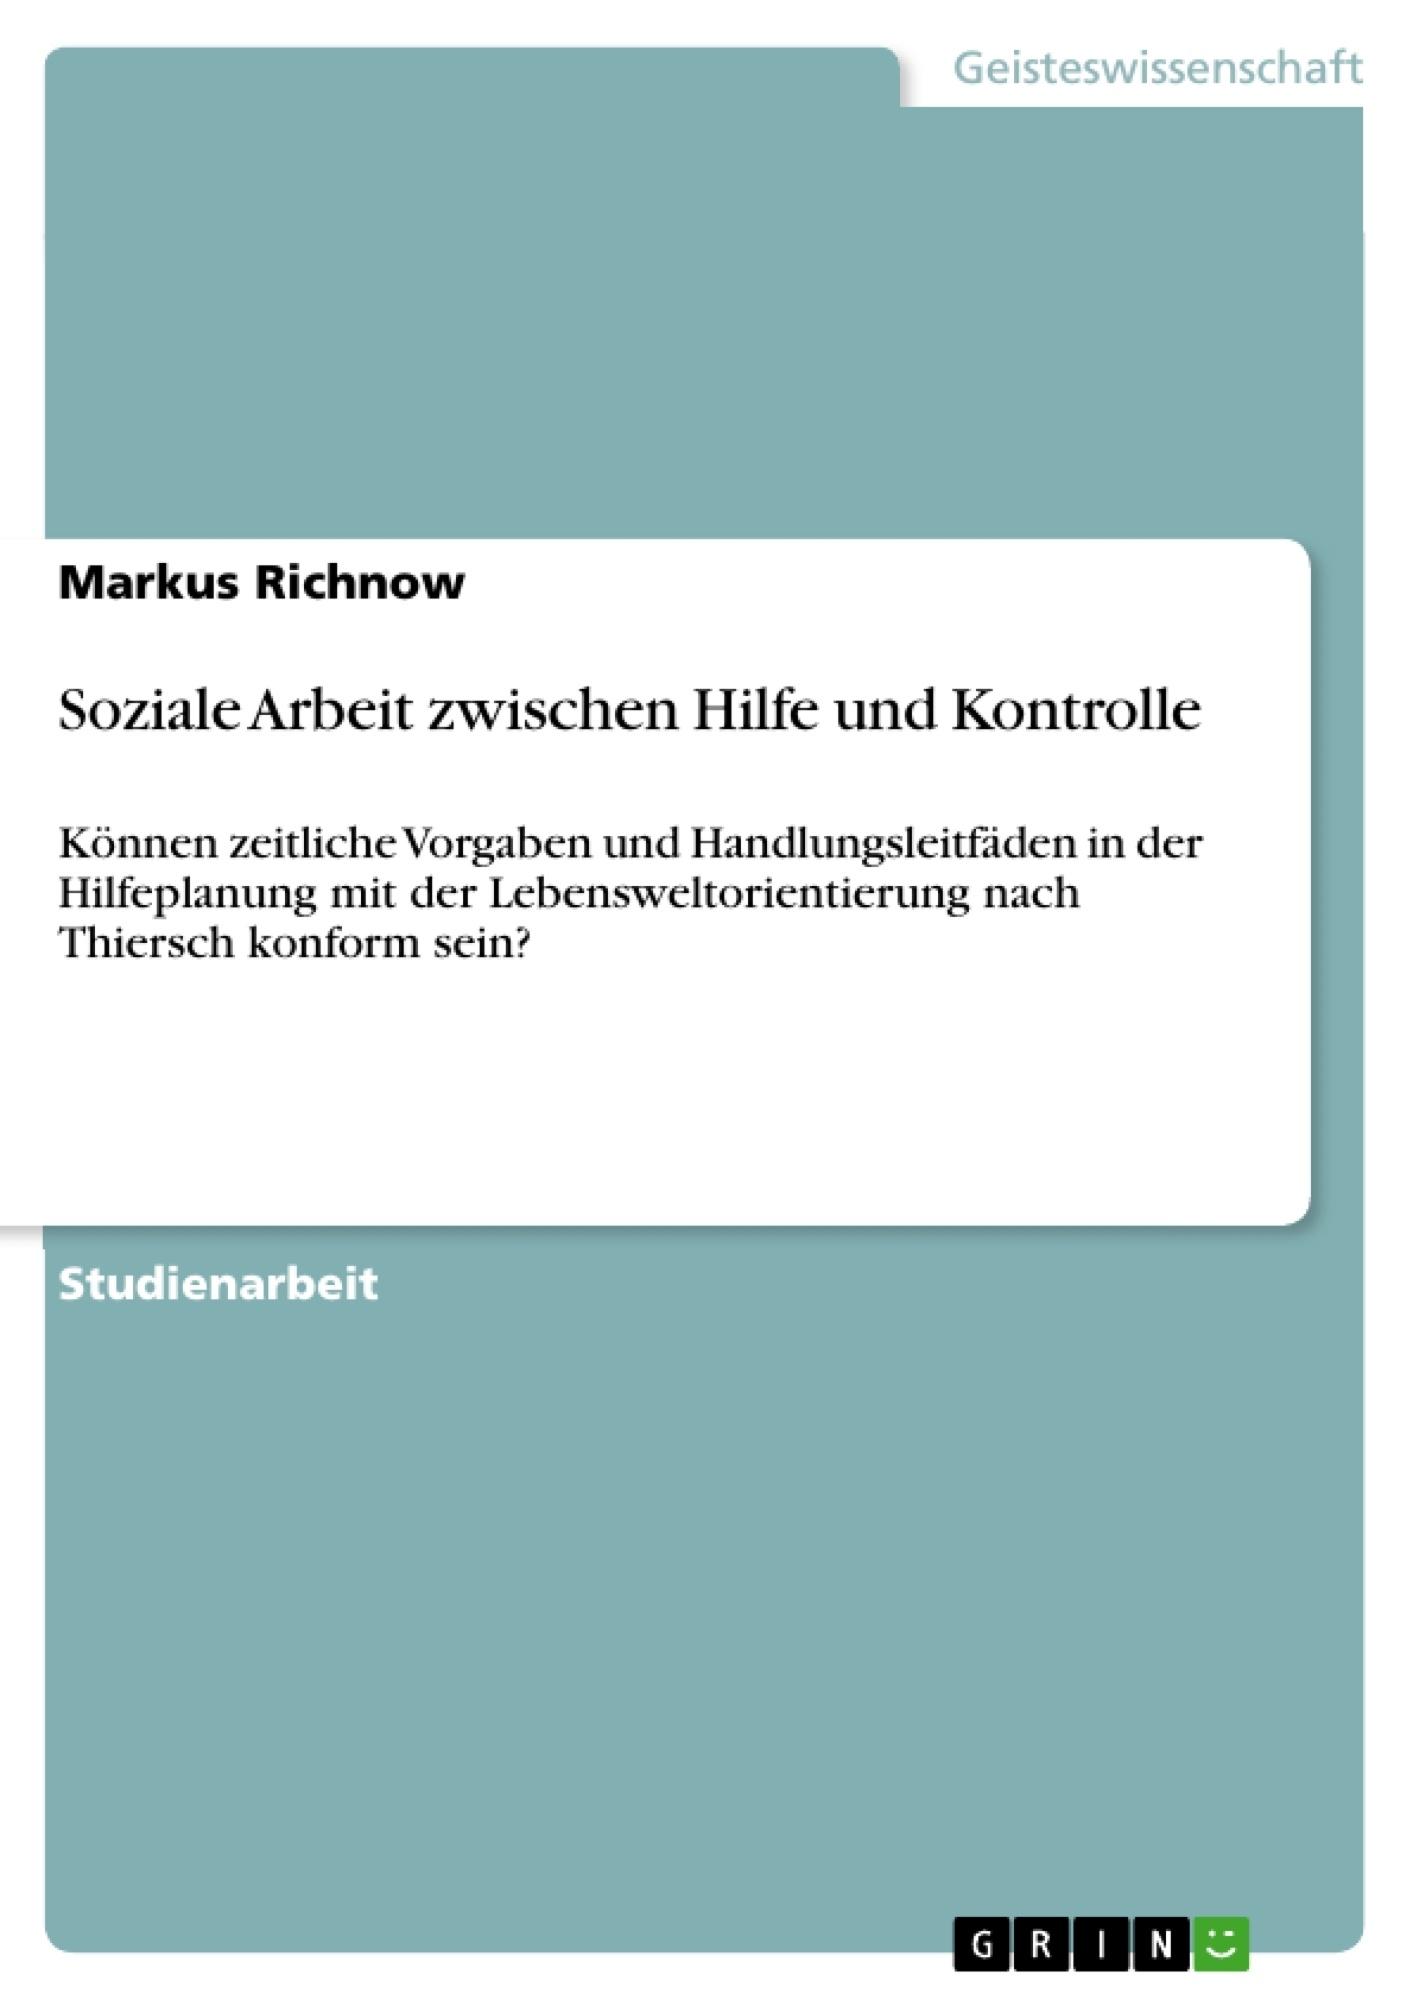 Titel: Soziale Arbeit zwischen Hilfe und Kontrolle